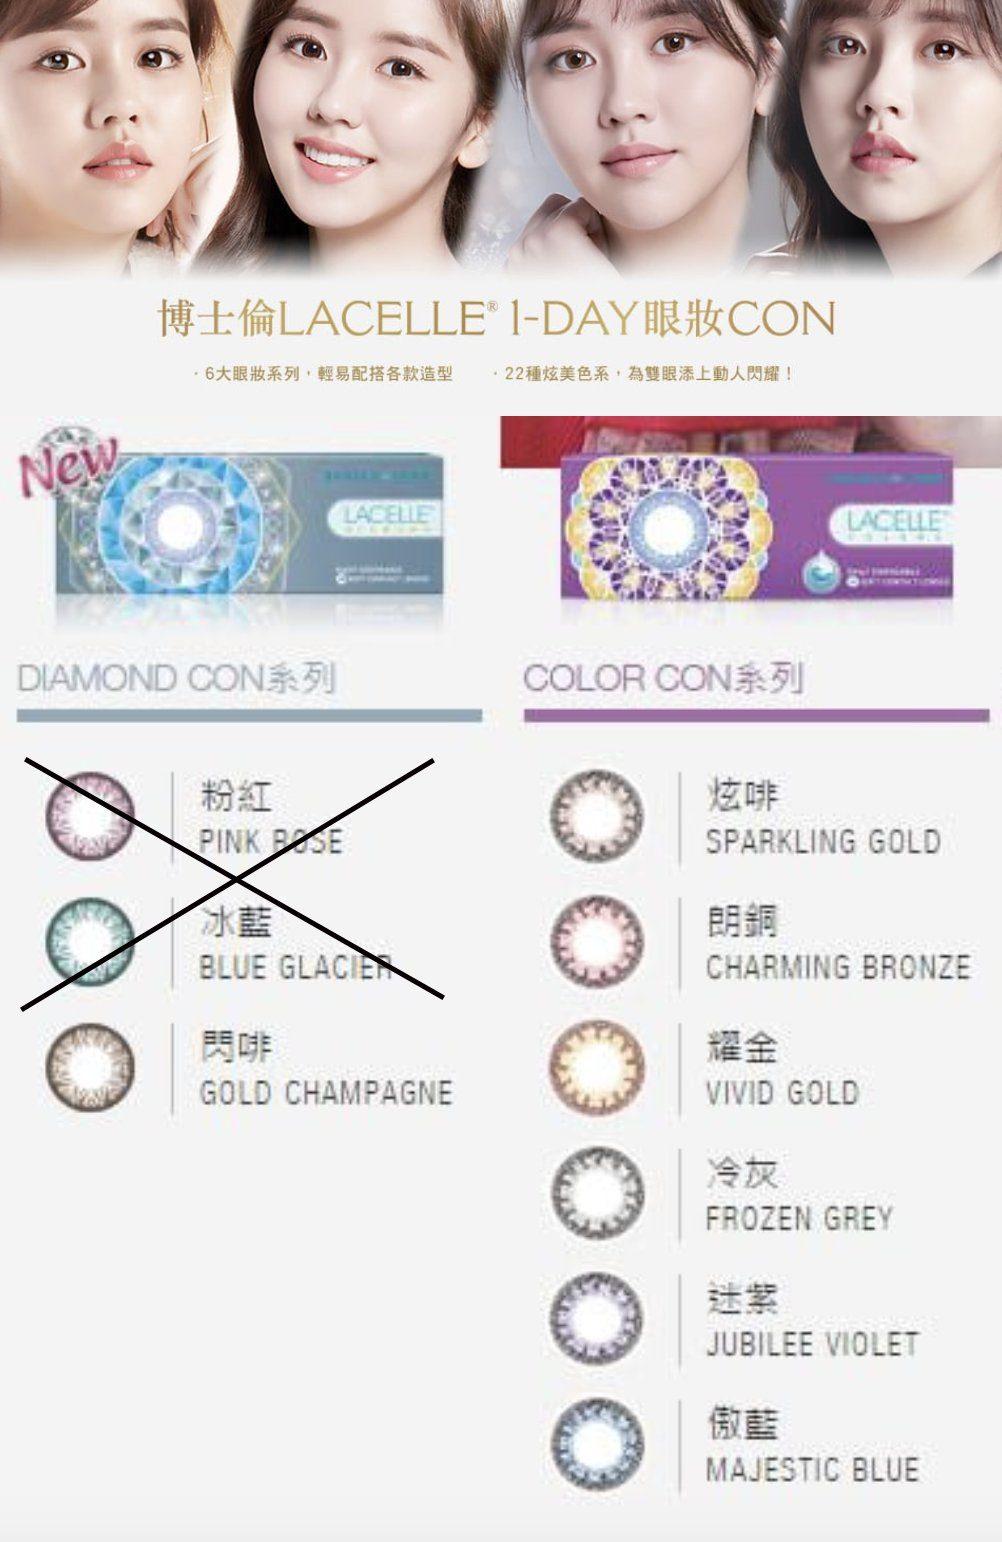 博士倫 Lacelle 1 Day Color (Diamond/Color Con系列)